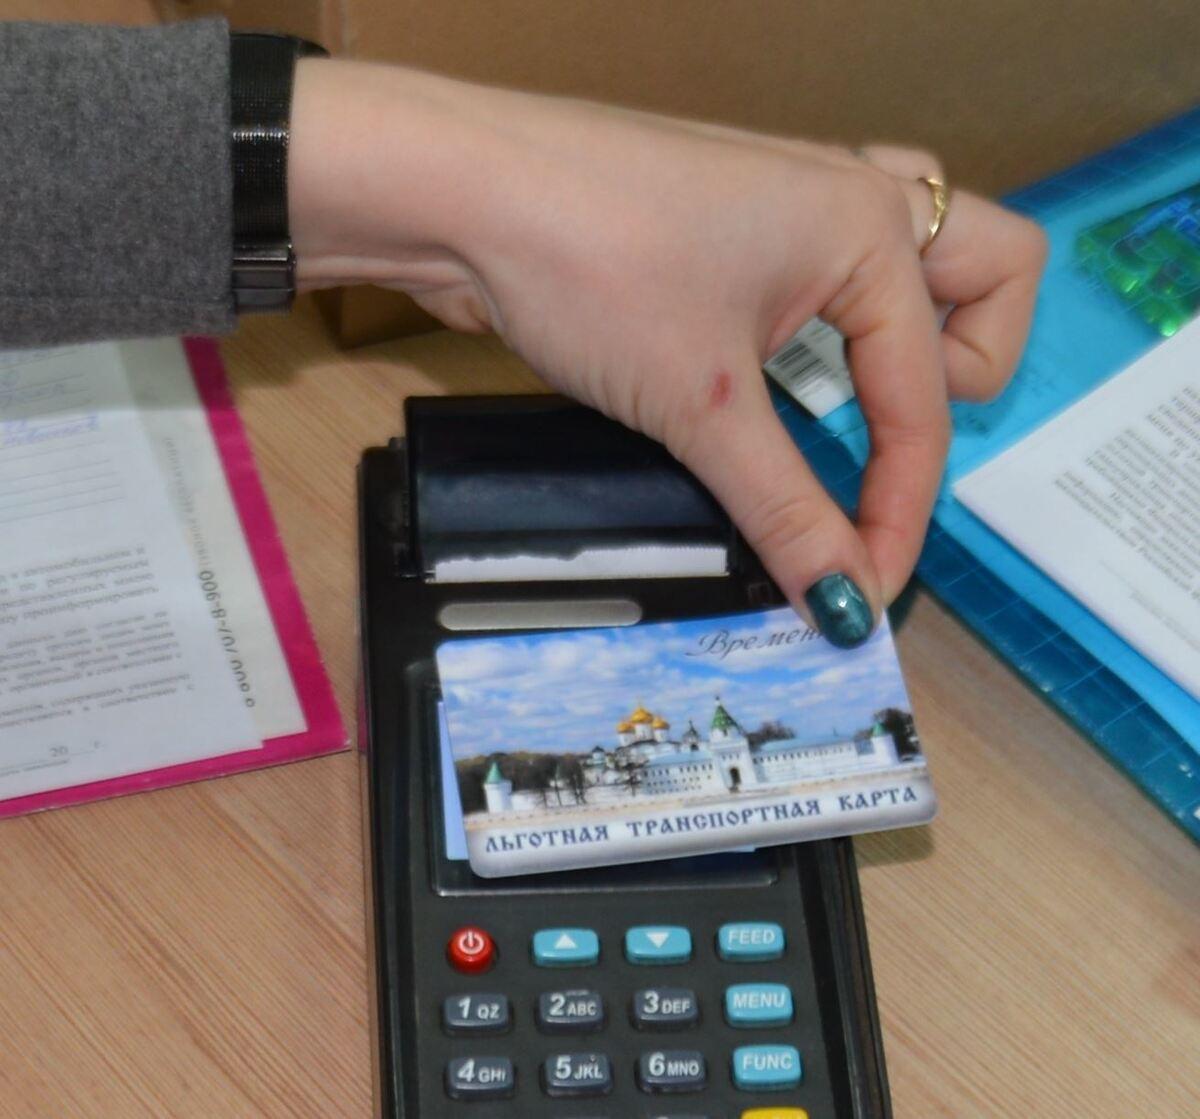 Пополнить транспортные карты костромские льготники смогут в выходные и праздничные дни